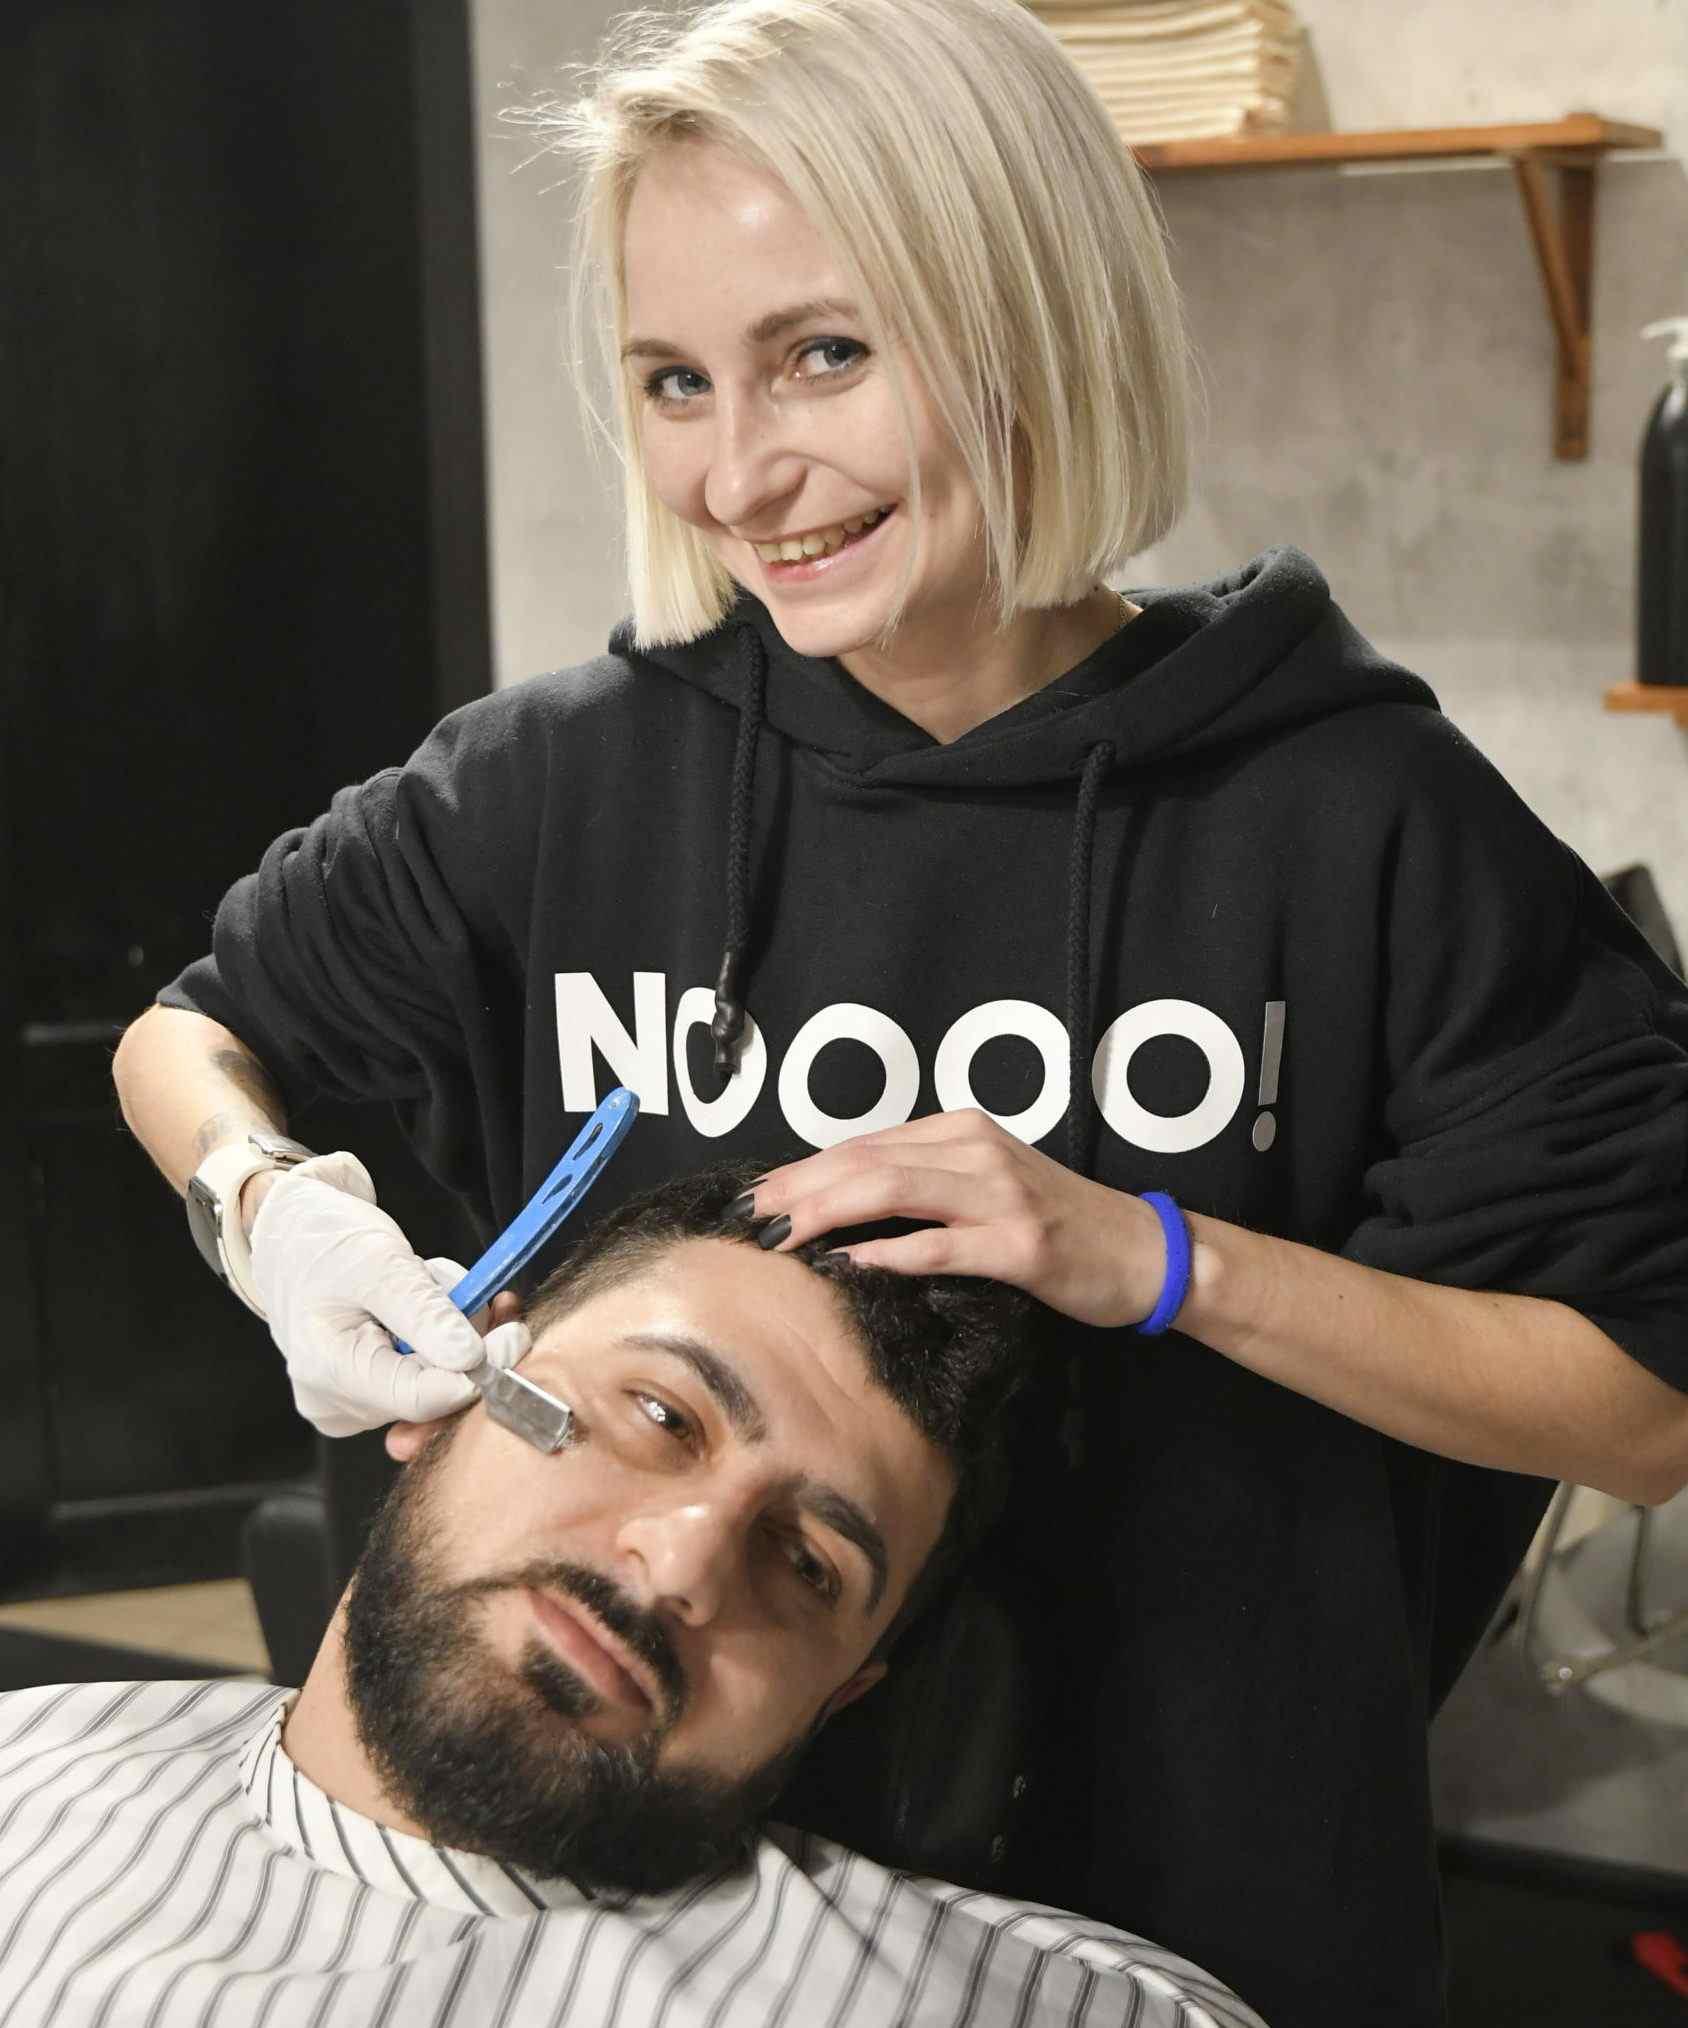 Брадобрей Новороссийска рассказала обо всех трендах на бороды: как ухаживать и как стричь